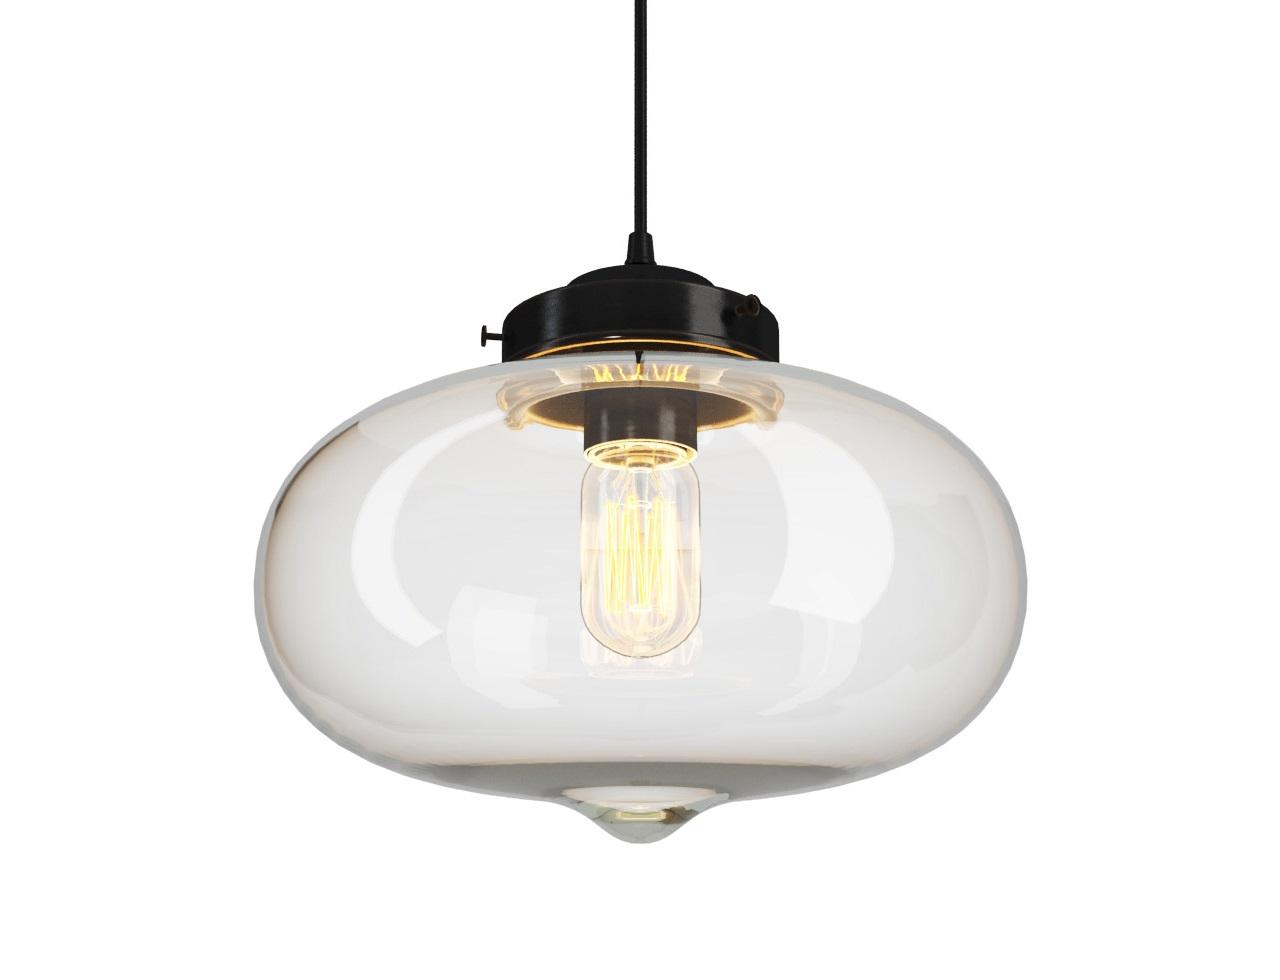 Люстра Vijay Glass ChandelierПодвесные светильники<br>&amp;quot;Vijay Glass Chandelier&amp;quot; ? простота, которая обретает элегантность в изящных формах. Единственным украшением этого эклектичного светильника выступают его пропорции. Абажур из прозрачного стекла имеет необычную форму, напоминающую каплю, застывшую в движении. Такие очертания придают динамизм неподвижной конструкции, делая ее более оригинальной. Установив этот светильник в эклектичной столовой, ретро-гостиной или винтажном кабинете, вы точно не прогадаете.&amp;lt;div&amp;gt;&amp;lt;br&amp;gt;&amp;lt;/div&amp;gt;&amp;lt;div&amp;gt;Подвесной светильник на металлической арматуре коричневого цвета.&amp;lt;/div&amp;gt;&amp;lt;div&amp;gt;Плафон выполнен из прозрачного стекла.&amp;lt;/div&amp;gt;&amp;lt;div&amp;gt;Высота светильника регулируется&amp;lt;/div&amp;gt;&amp;lt;div&amp;gt;Цоколь: E27&amp;lt;/div&amp;gt;&amp;lt;div&amp;gt;Мощность: 40W&amp;lt;/div&amp;gt;&amp;lt;div&amp;gt;Количество ламп: 1&amp;lt;/div&amp;gt;&amp;lt;div&amp;gt;Лампа в комплект не входит&amp;lt;/div&amp;gt;<br><br>Material: Стекло<br>Height см: 23<br>Diameter см: 28